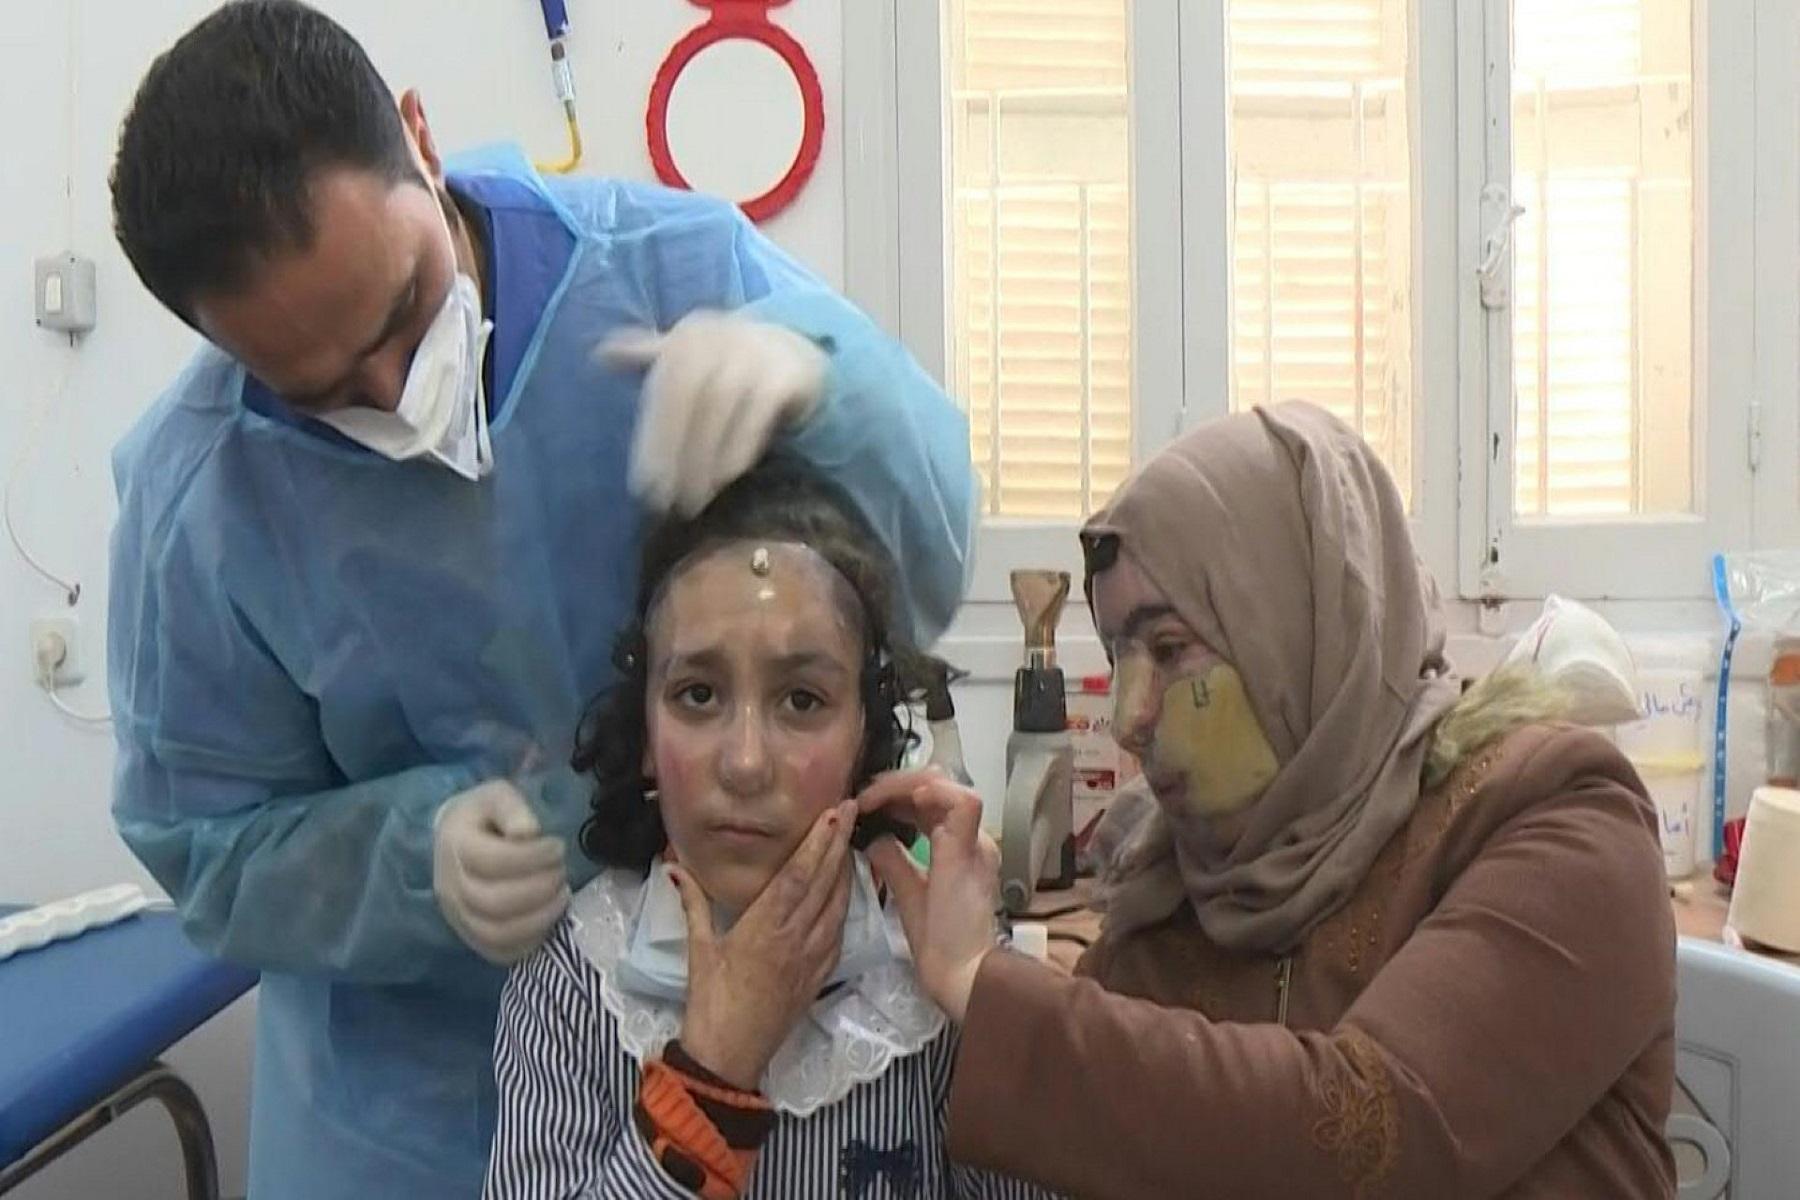 Ιωάννα Παλιοσπύρου: Τι προσφέρει η χρήση της μάσκας στους ασθενείς με εγκαύματα στο πρόσωπο